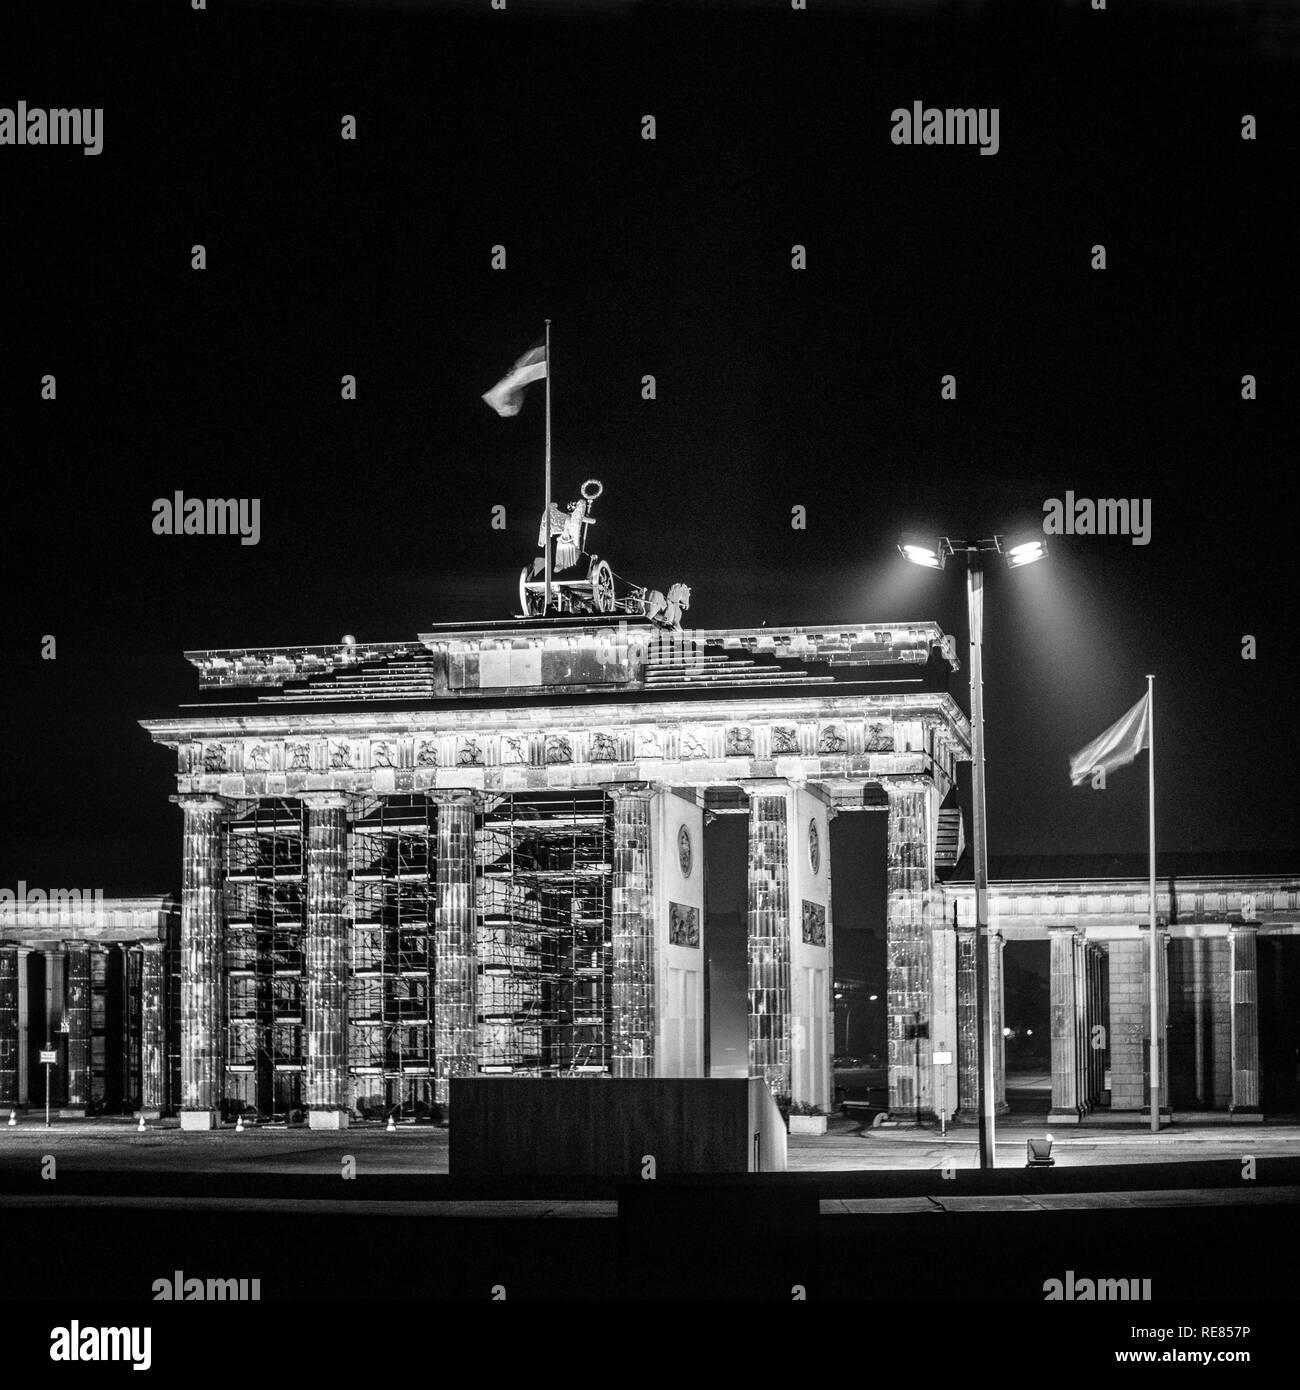 Agosto de 1986, iluminado por la noche en la Puerta de Brandenburgo de Berlín Oriental, vista desde el lado oeste de Berlín, Alemania, Europa Imagen De Stock